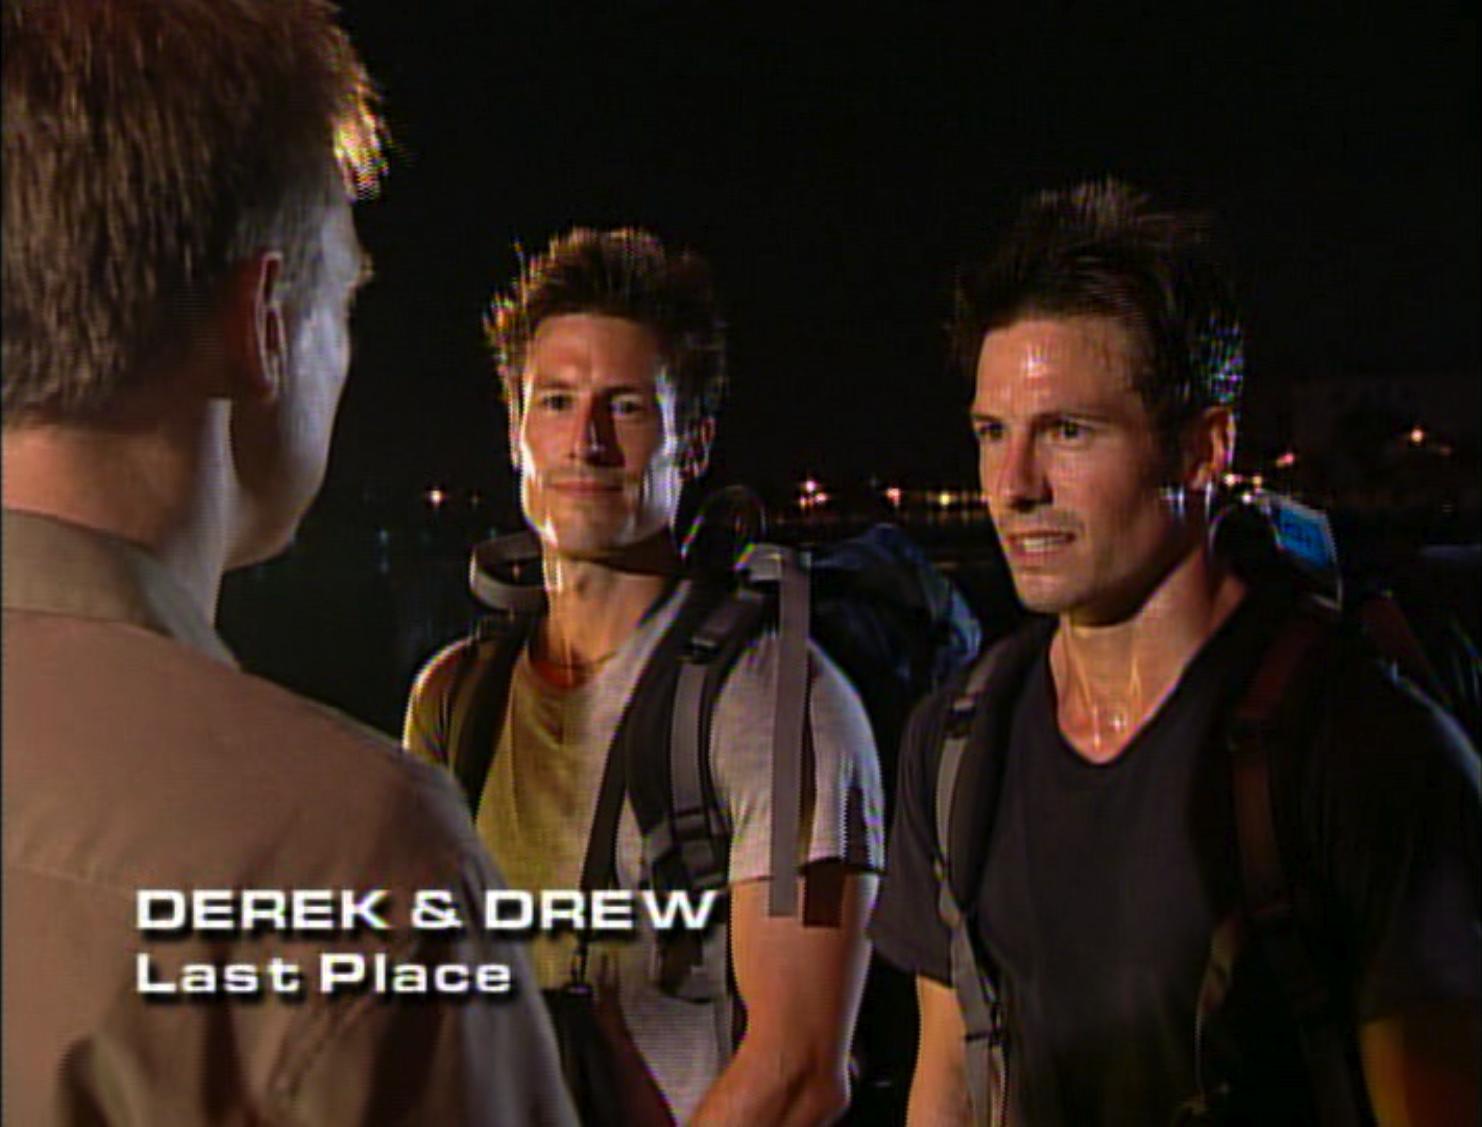 Derek & Drew/Gallery